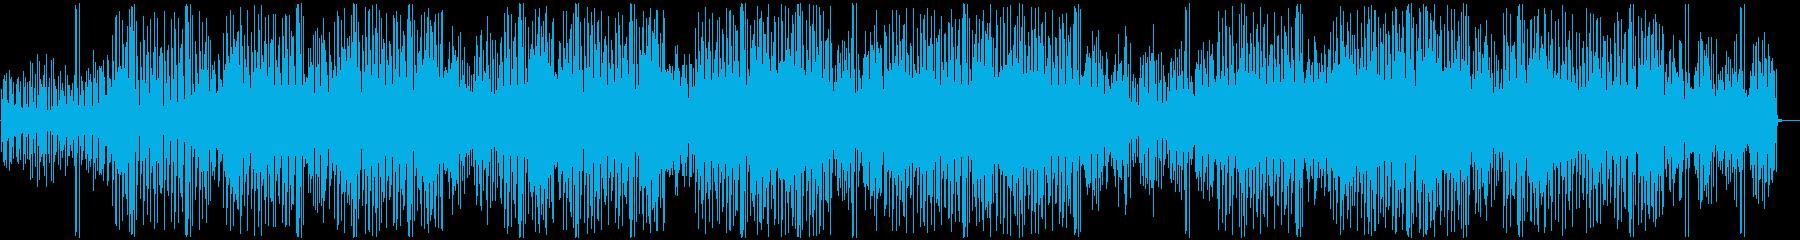 フレッシュ_軽快_奇妙_アシッドハウスの再生済みの波形